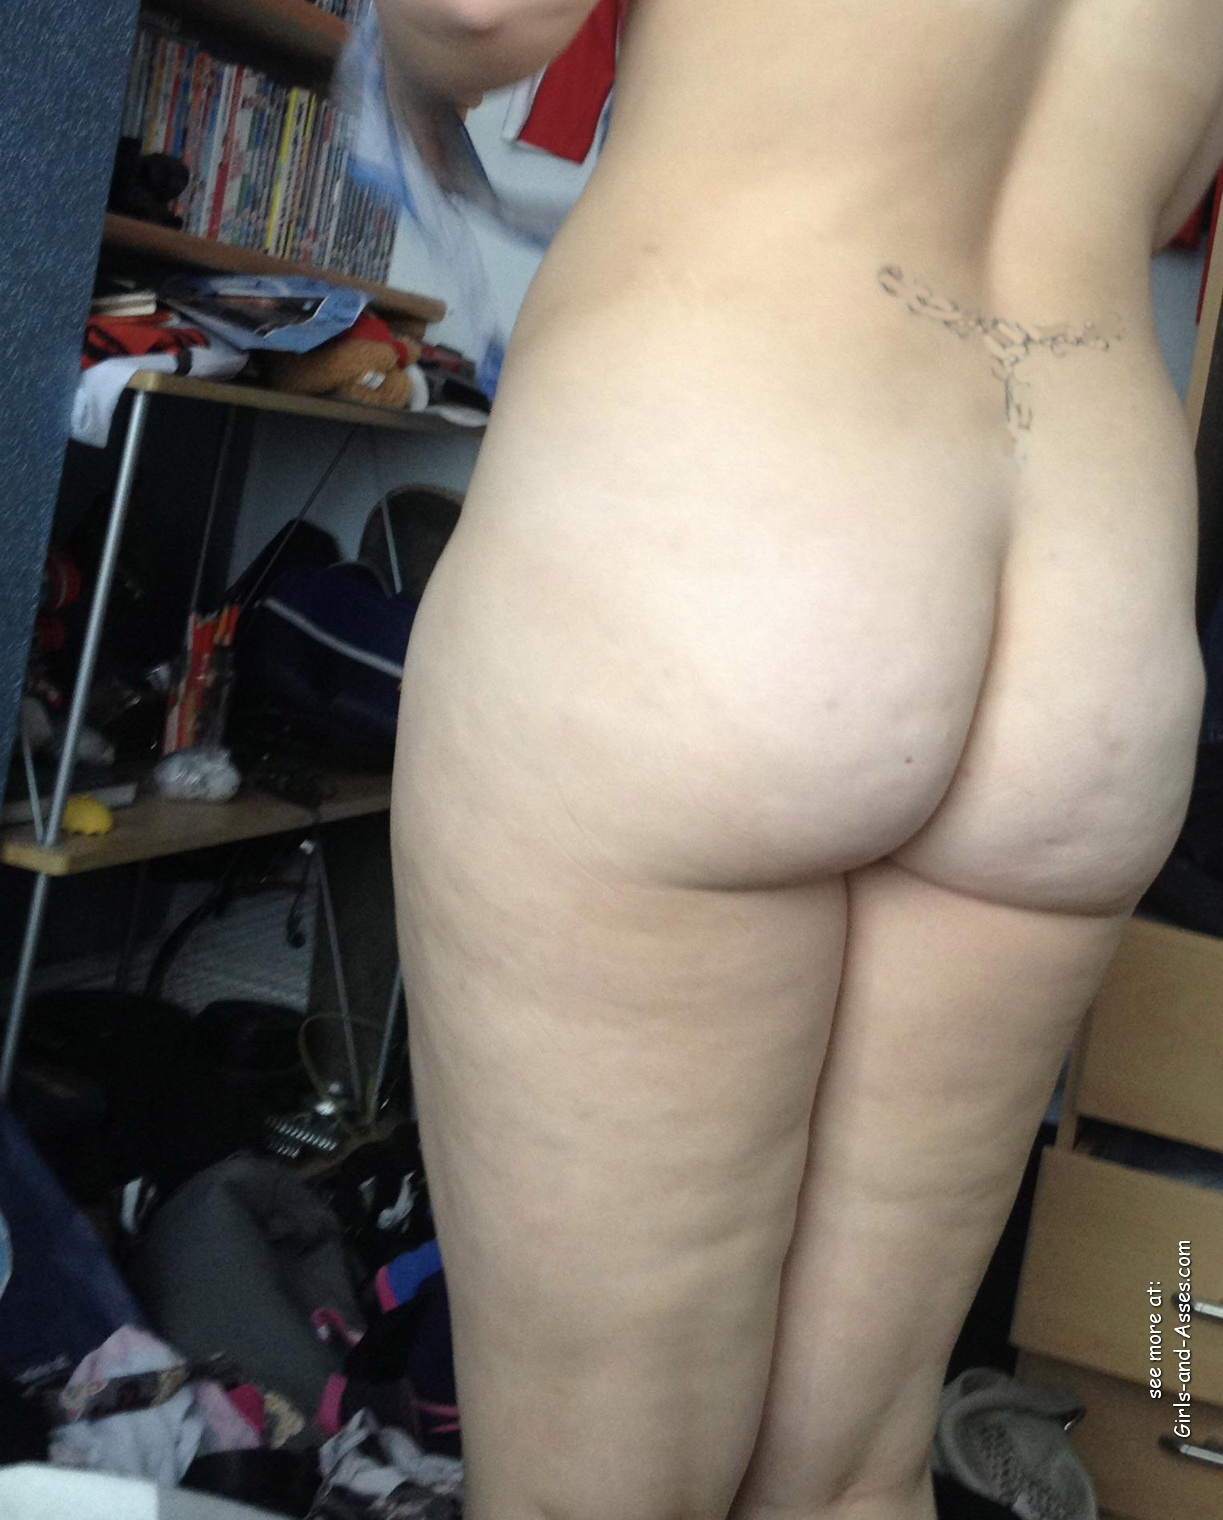 naked milf ass photo 00339